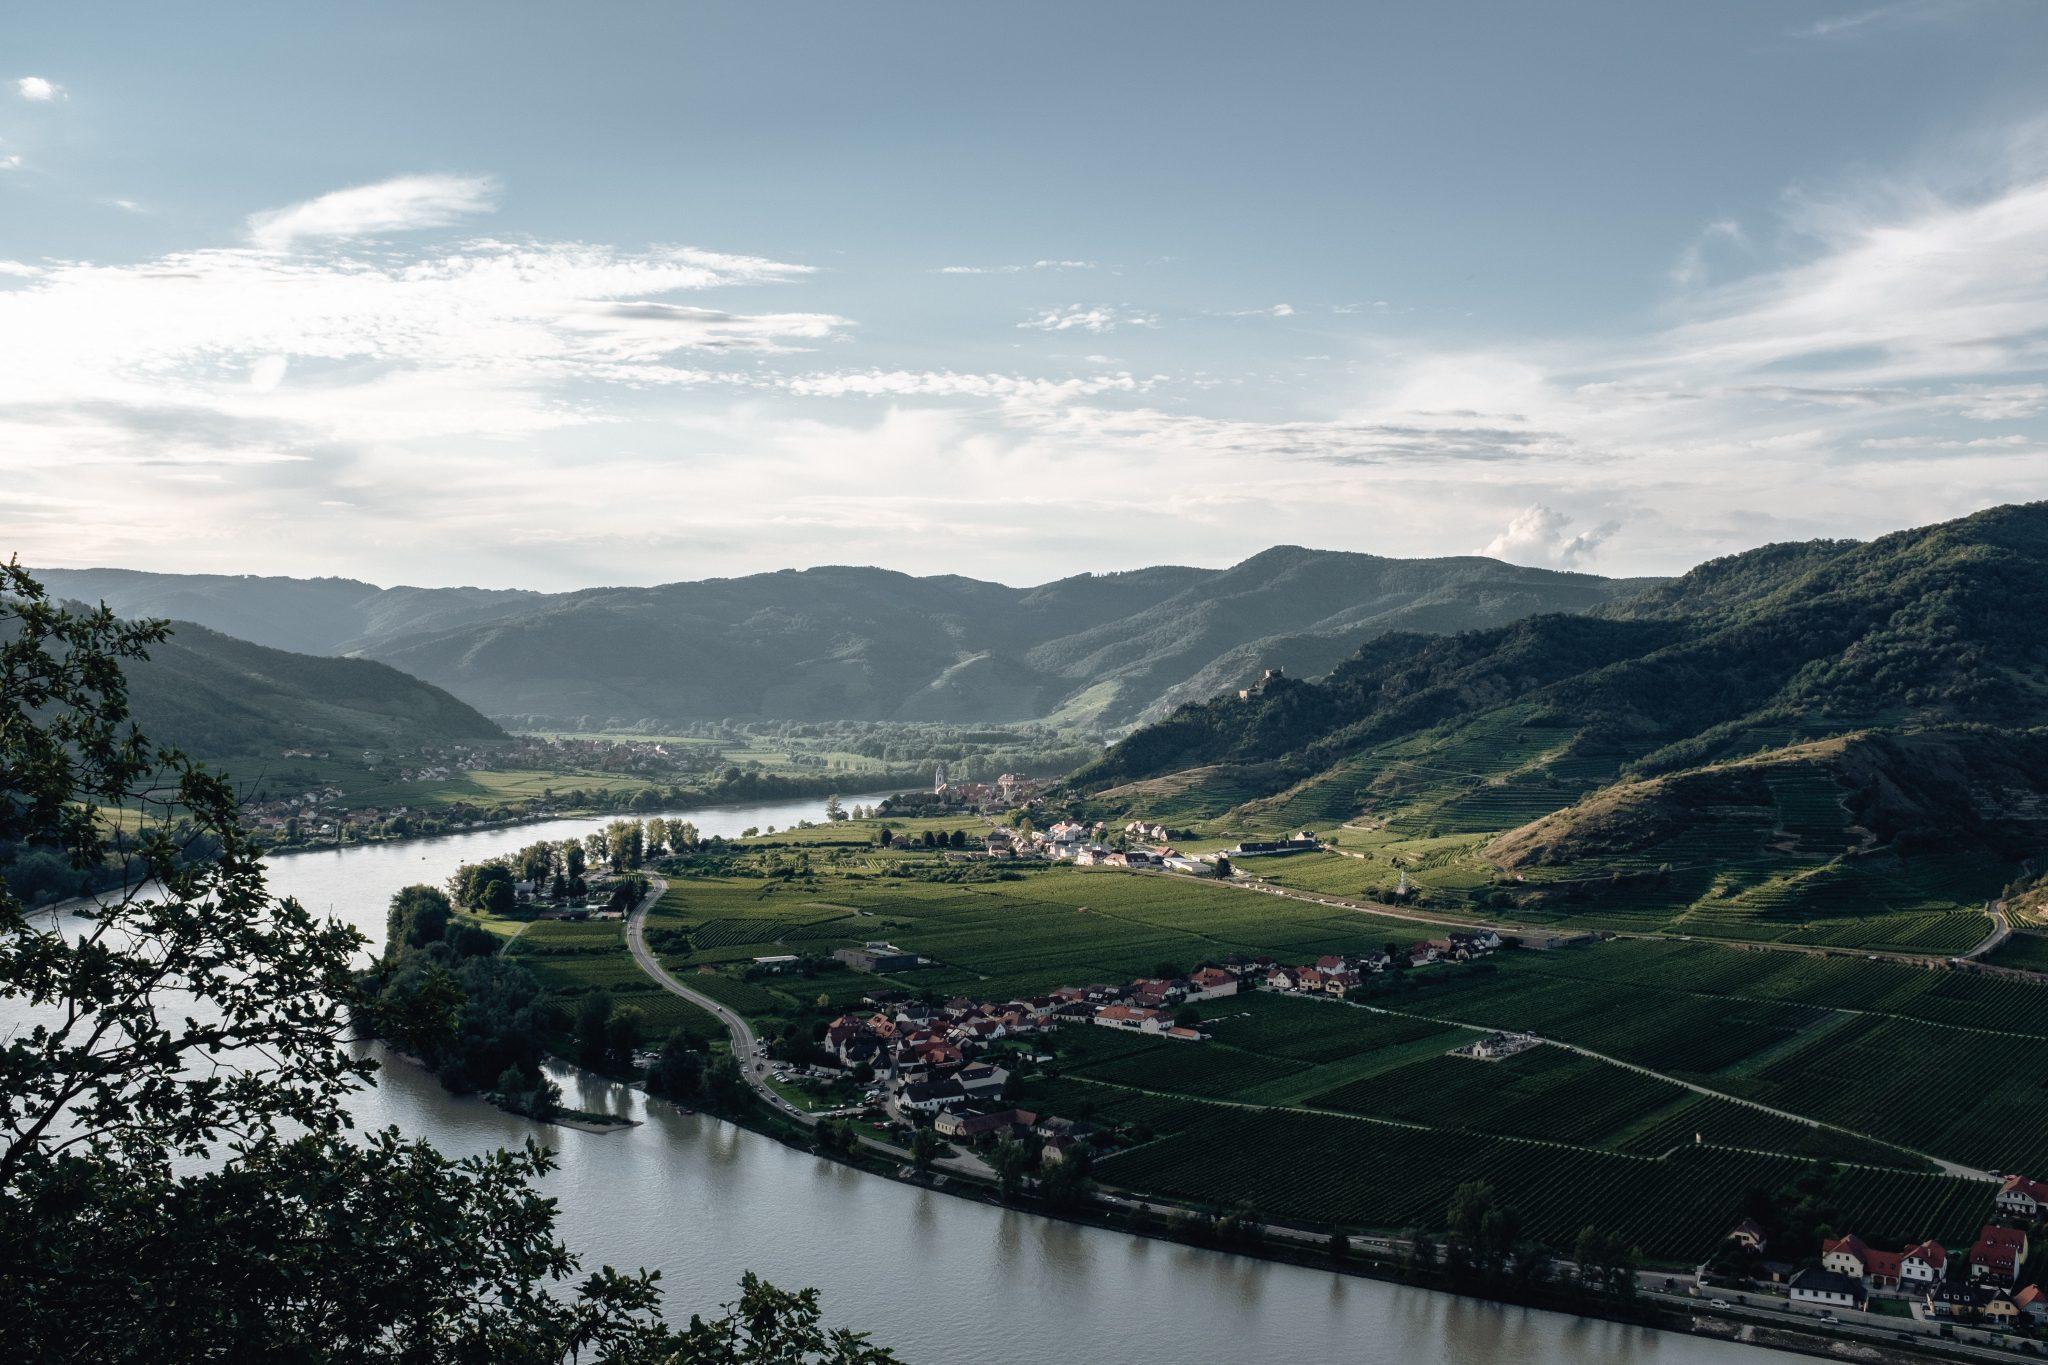 Donau in Niederösterreich (Wachau)# - Foto: Unsplash / Thomas Peham